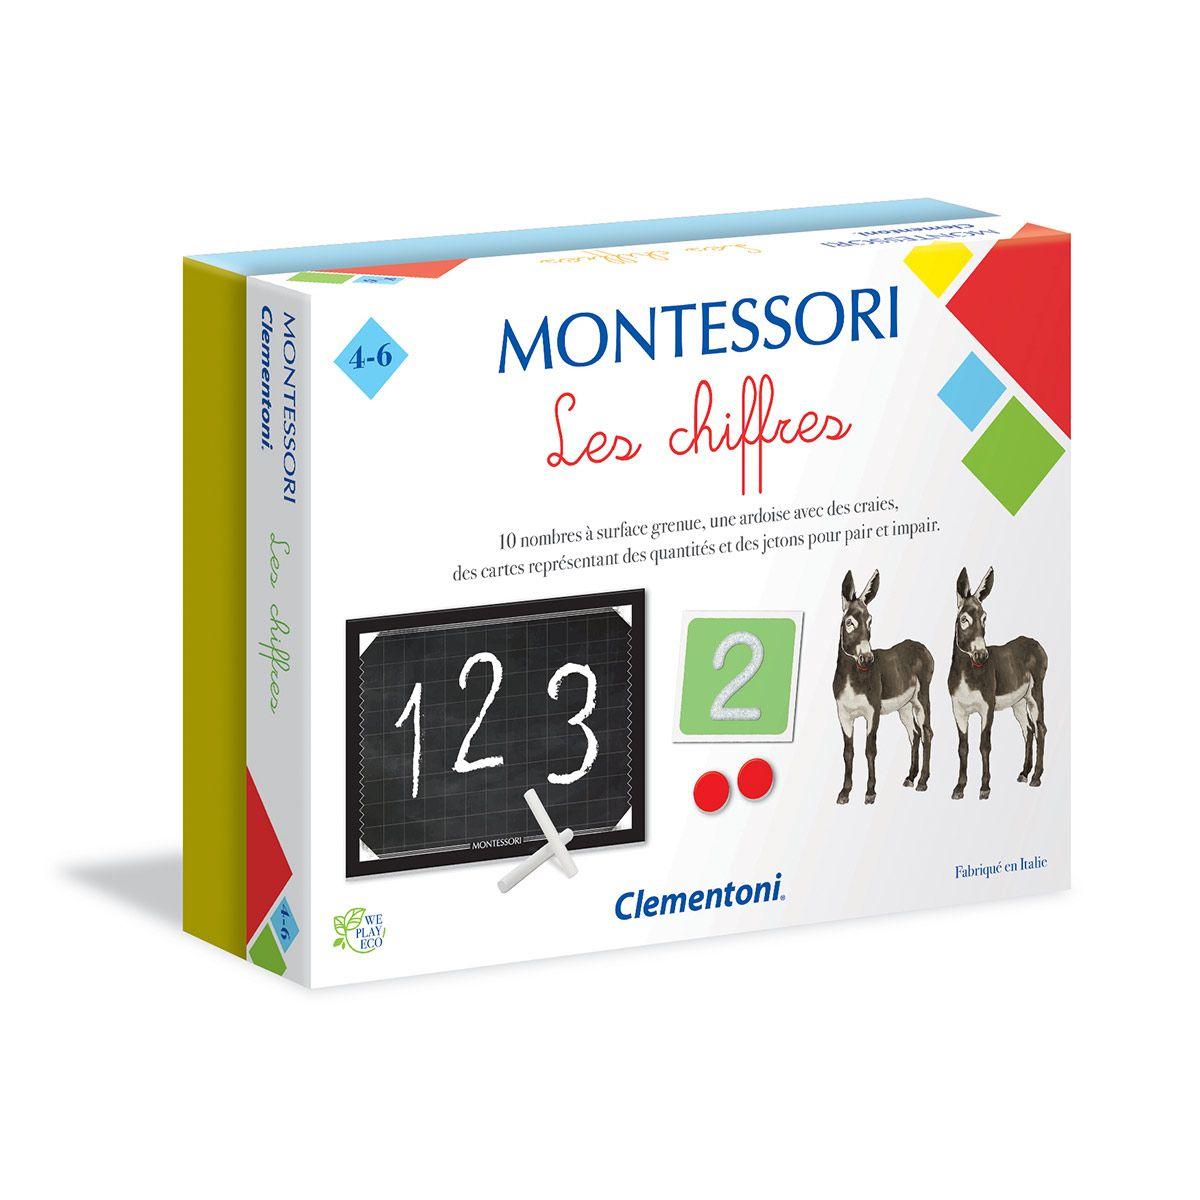 Jeu Éducatif Montessori Les Chiffres, nommé Jeux Educatif 4 Ans